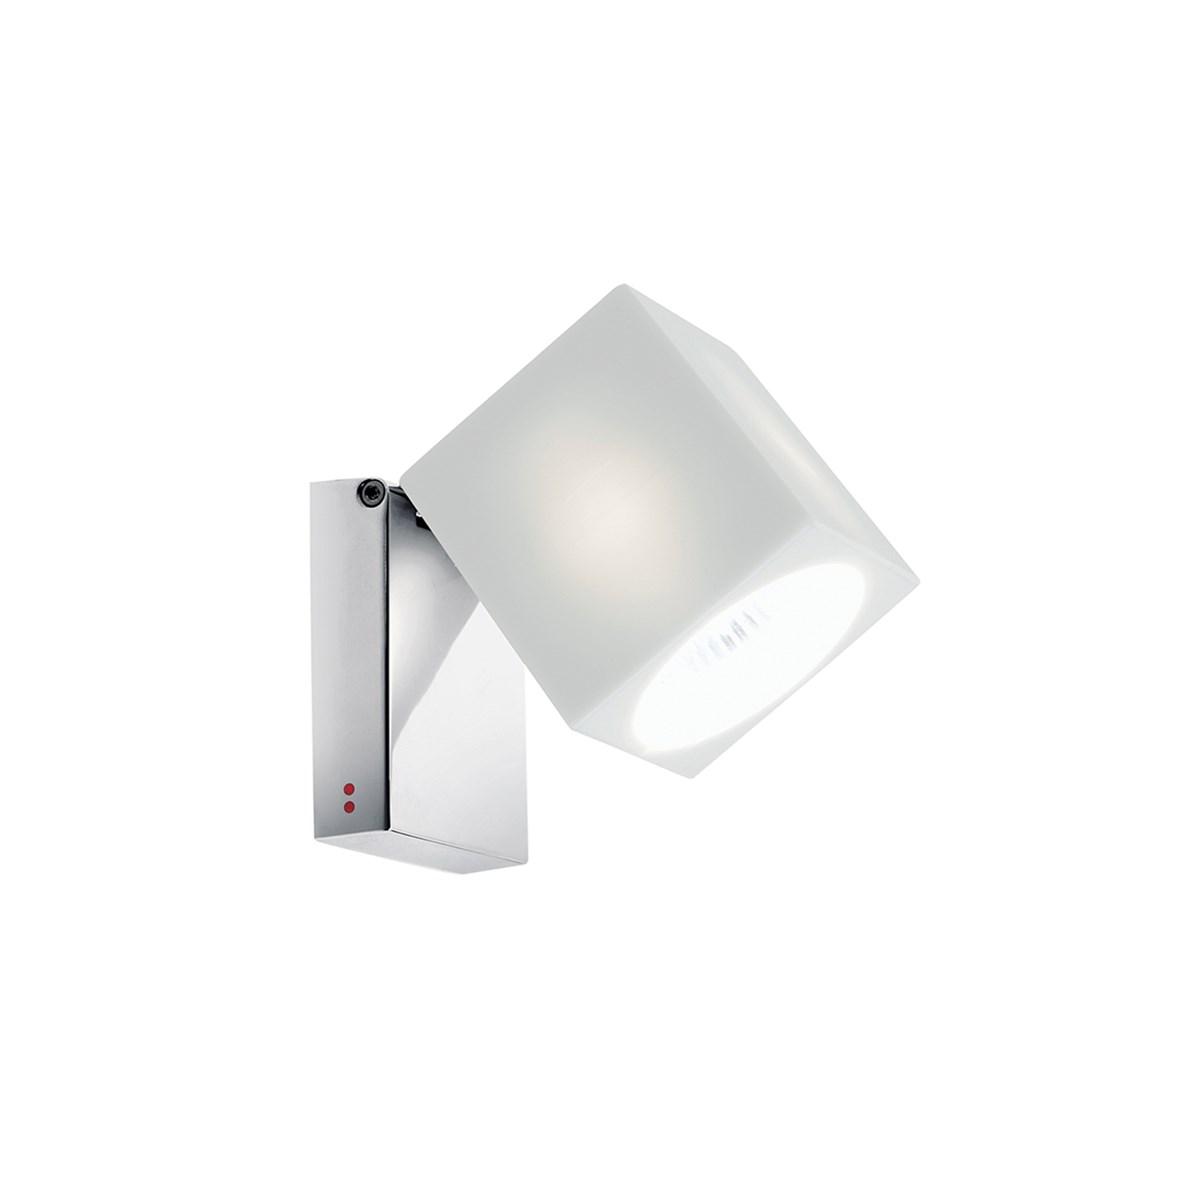 Fabbian-Pamio-Design-Cubetto-Wall-Light-Matisse-1